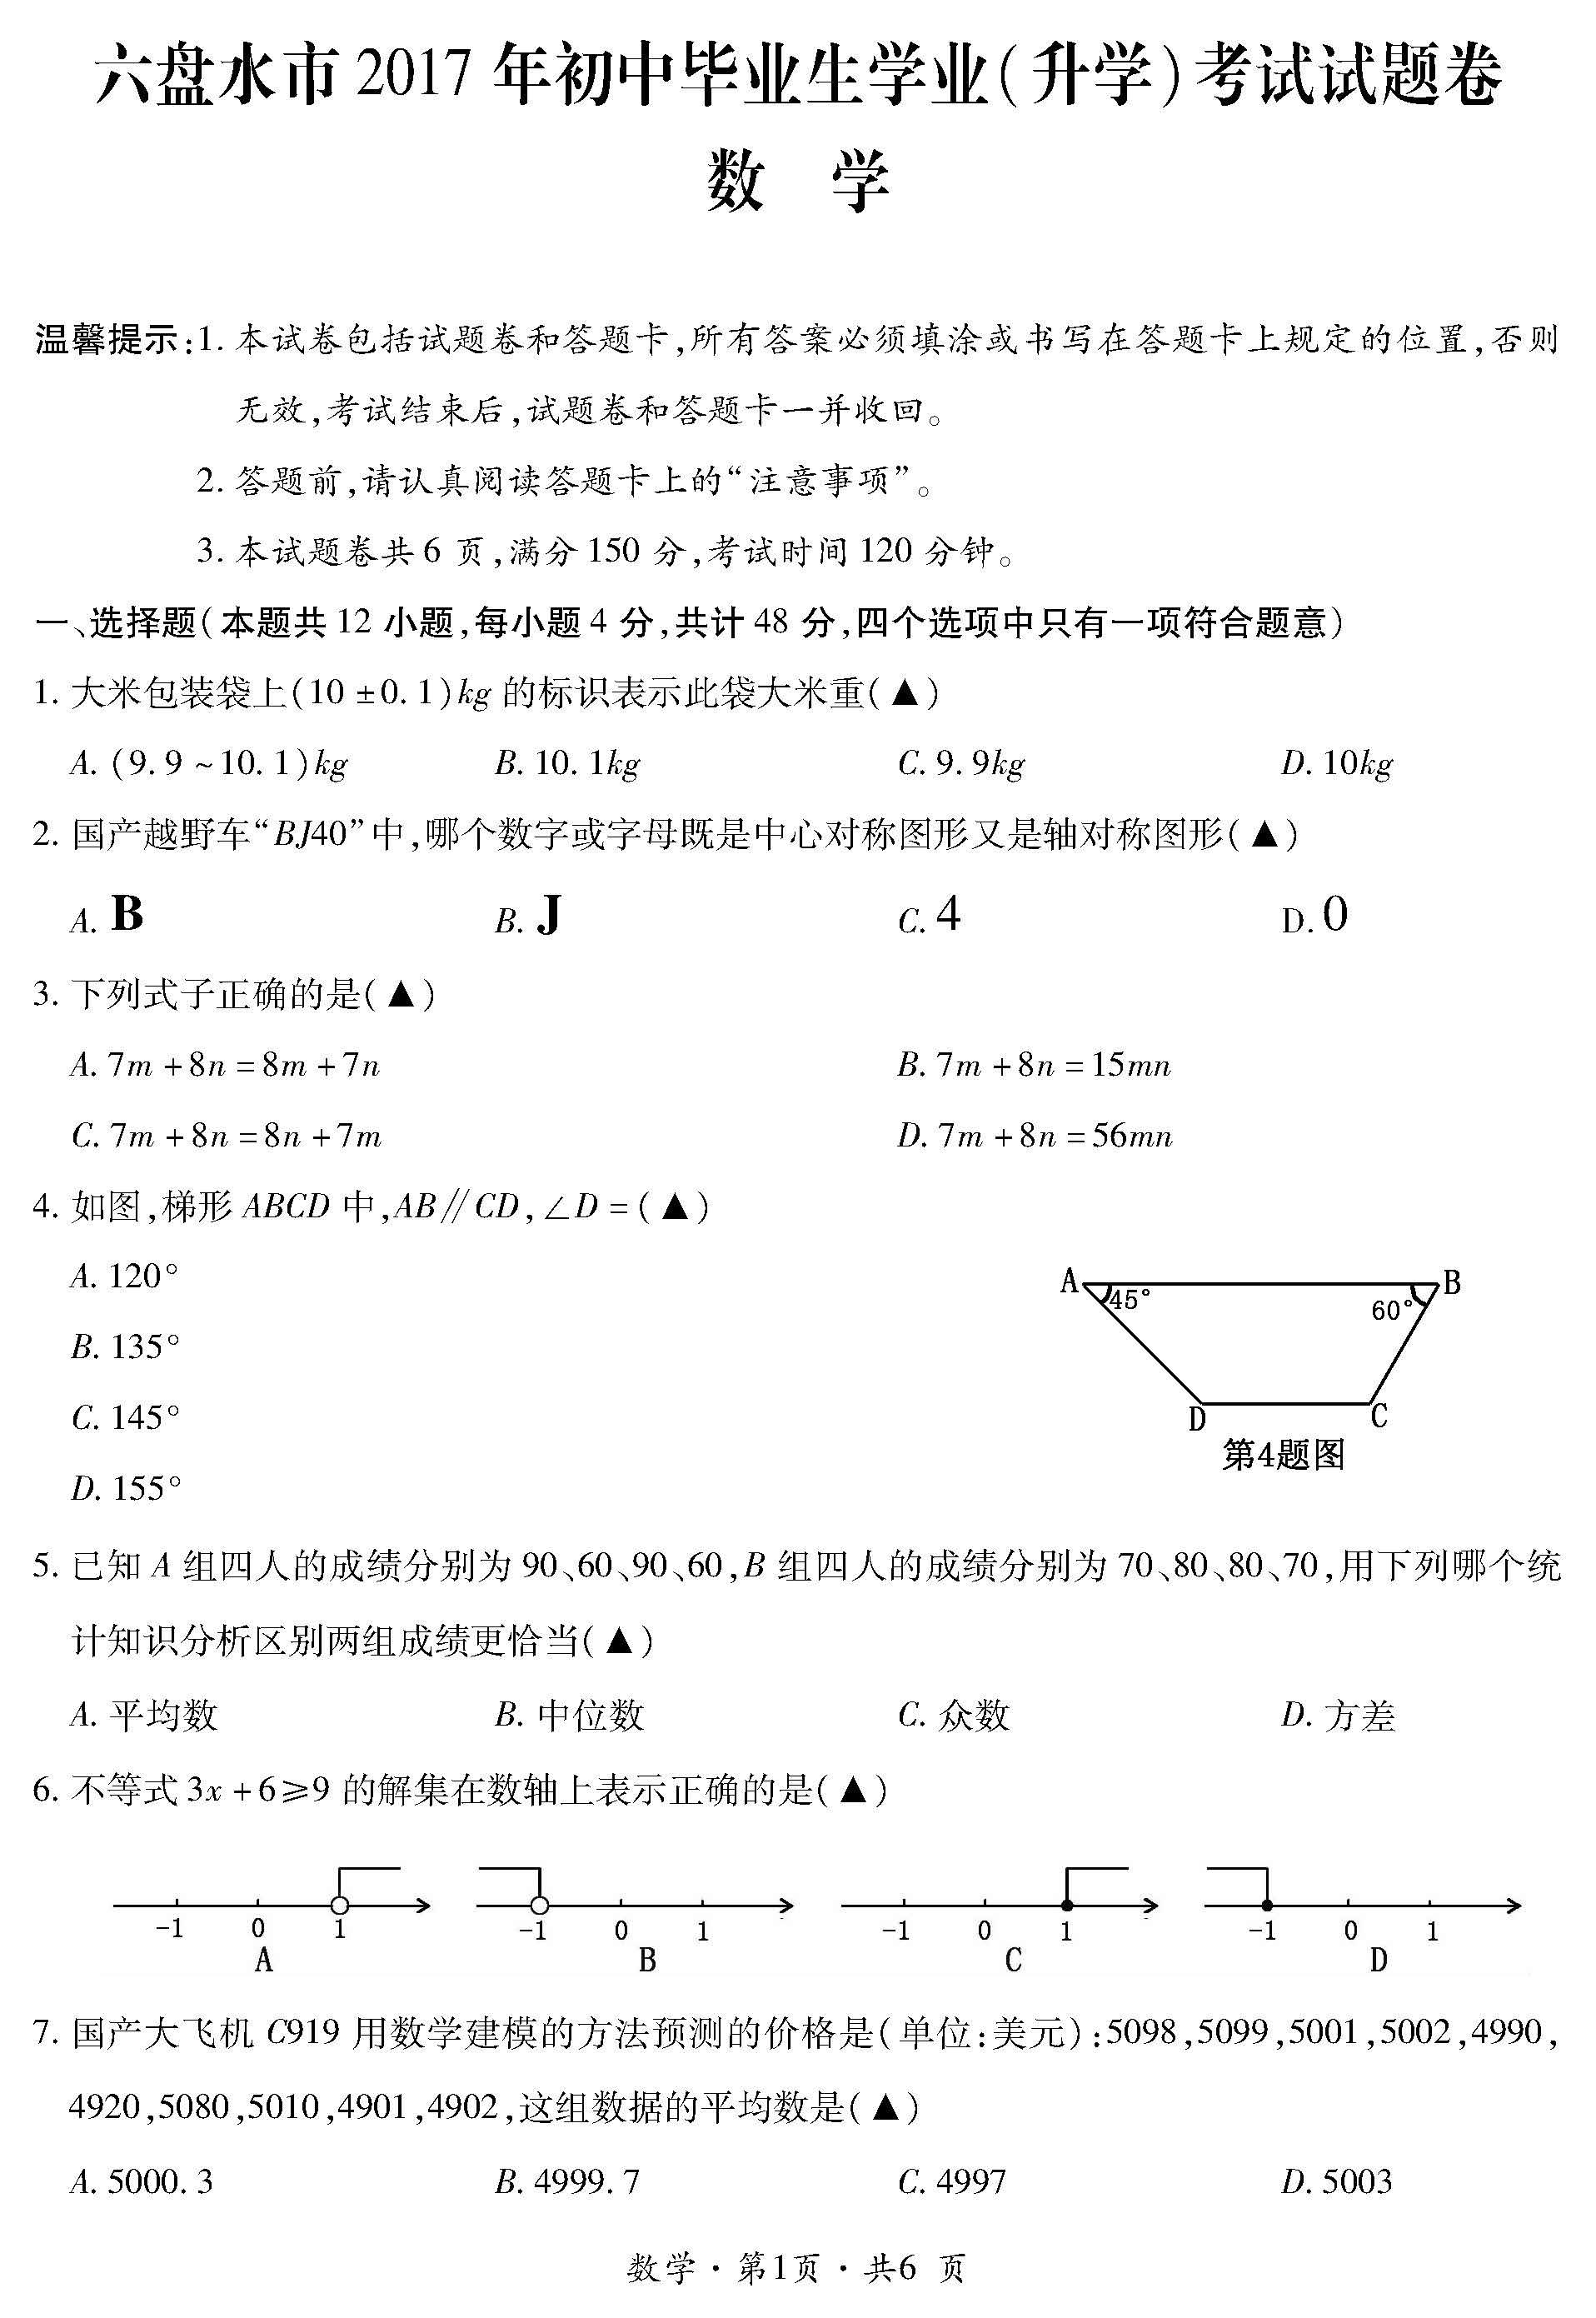 2017六盘水中考数学试题及答案解析(图片版含答案)